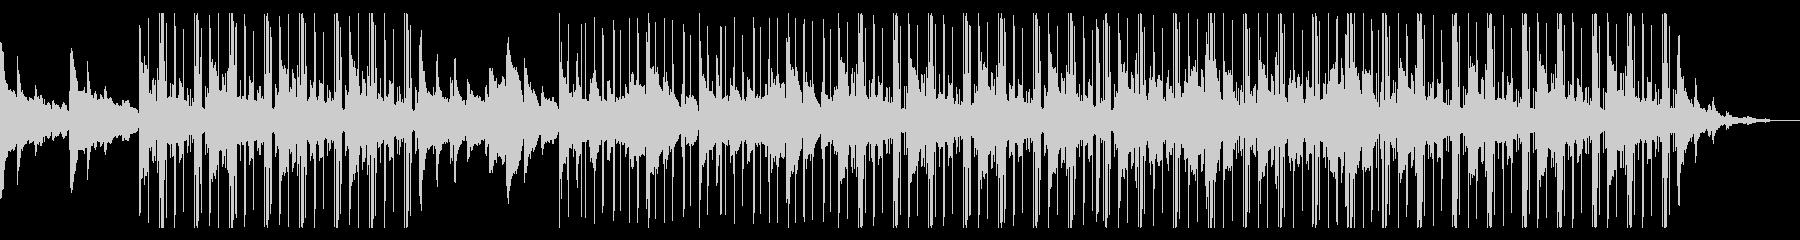 Lofi、月、夜、ピアノ、チルアウトの未再生の波形